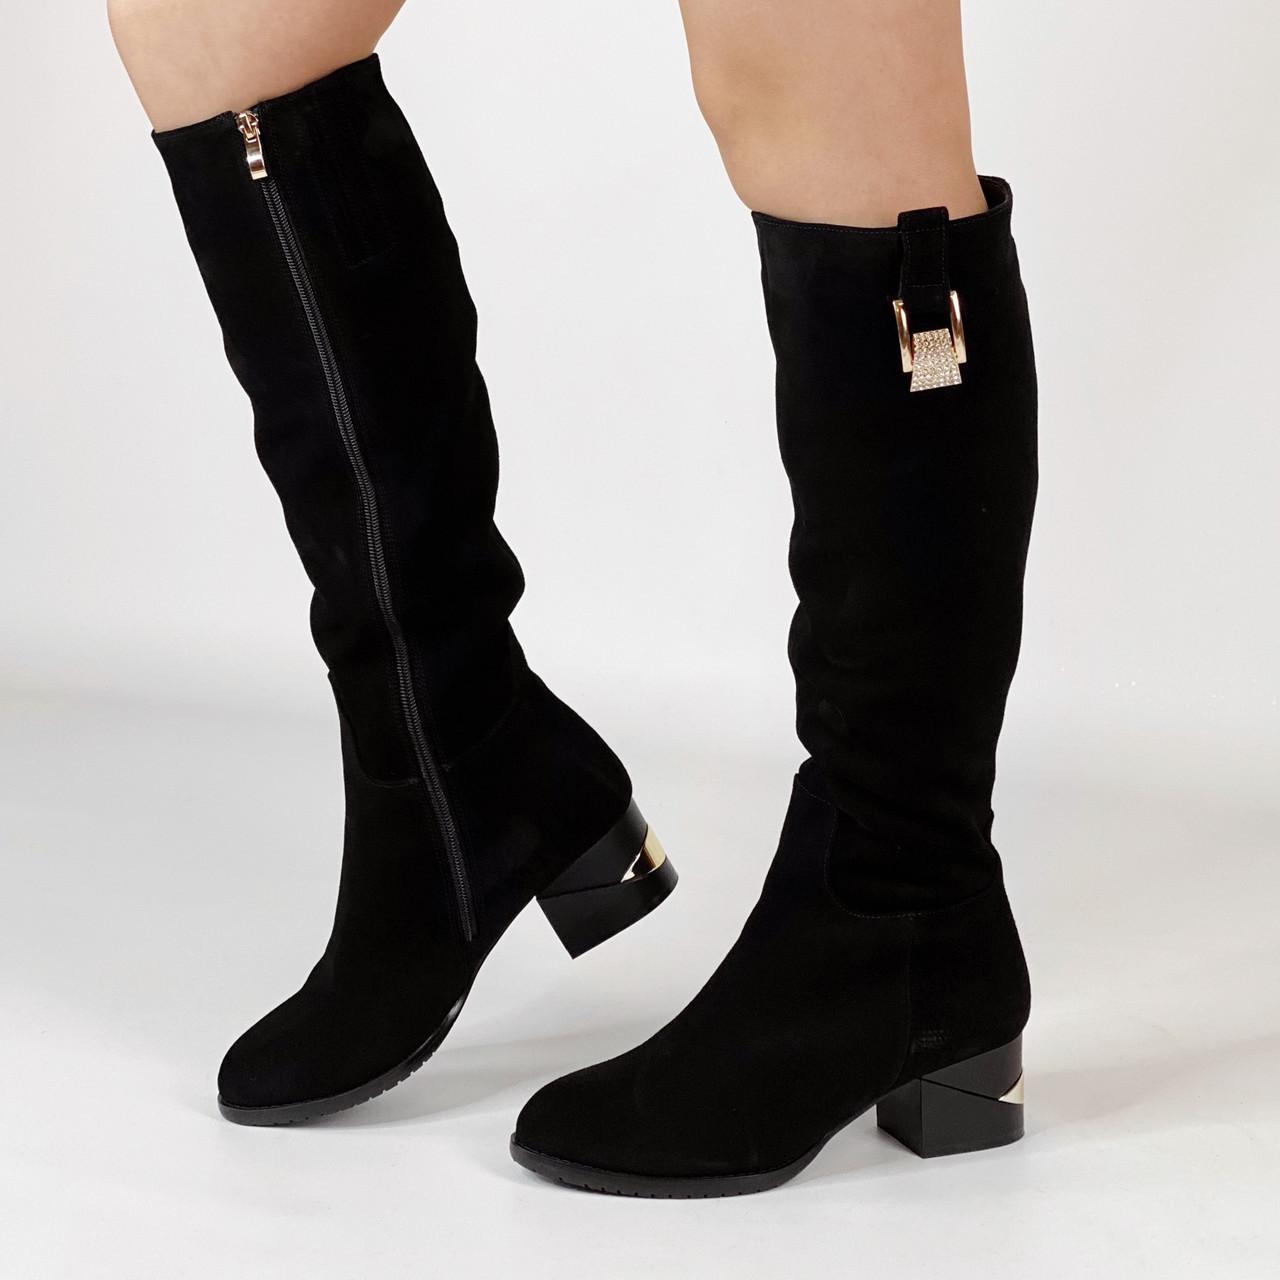 Сапоги женские замшевые черные на каблуке с золотой вставкой MORENTO зимние